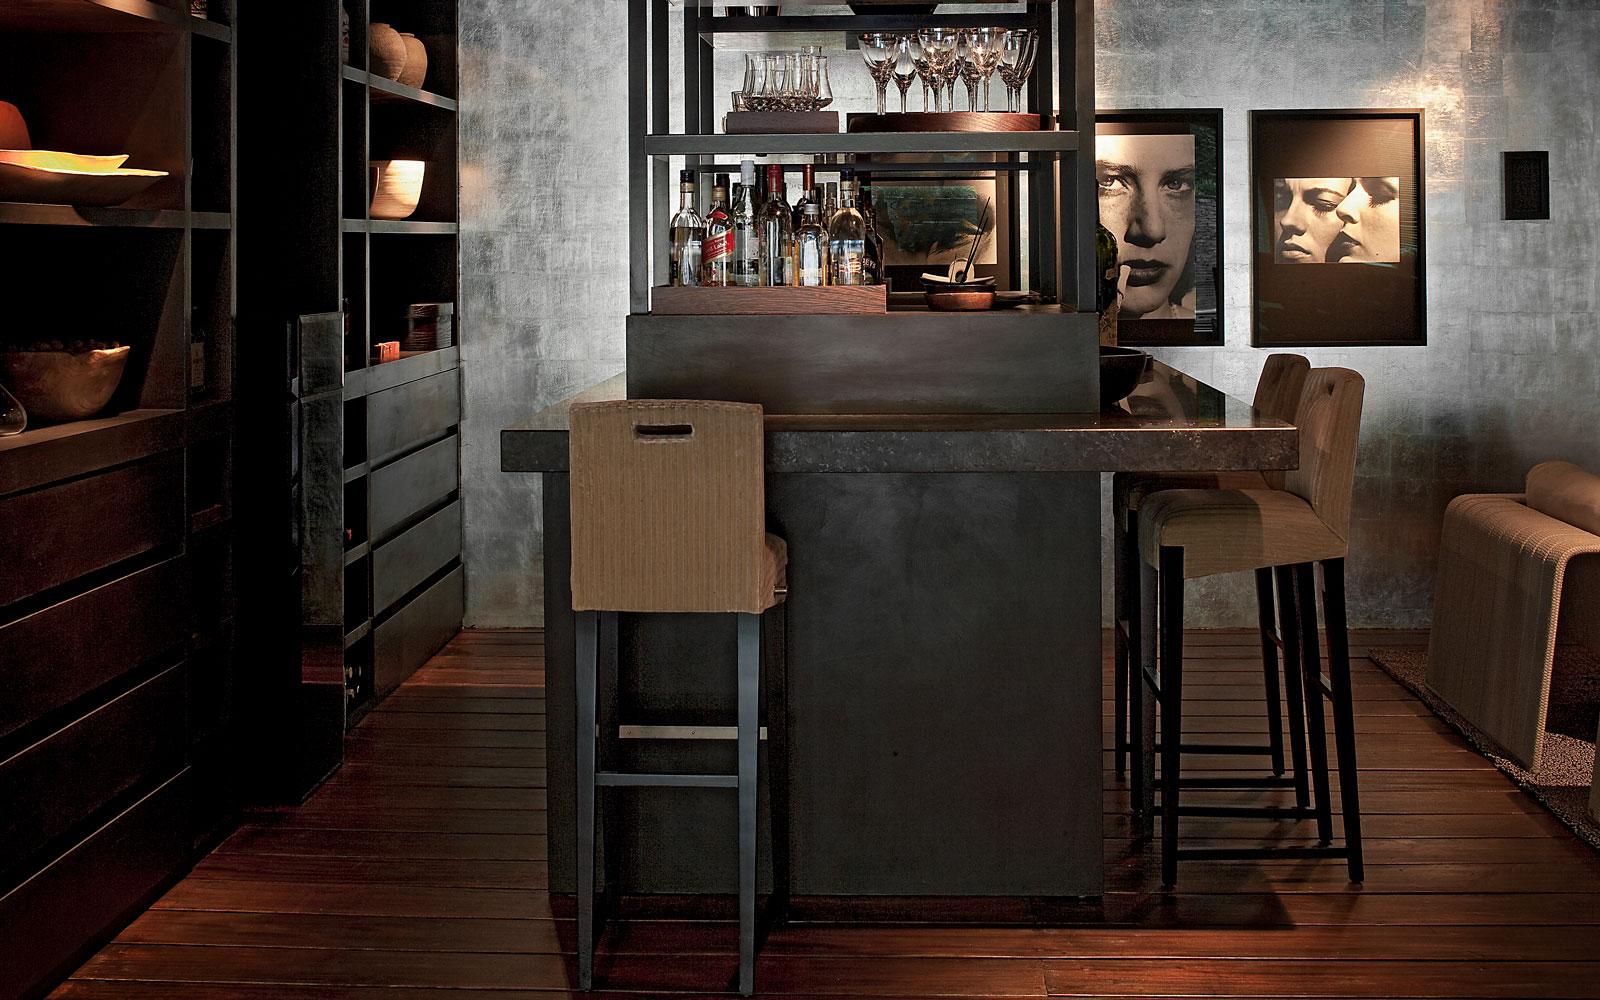 Wellness, souterrain, bar, barkruk, lounge, luxe, riante villa, Leeflang Architectuur